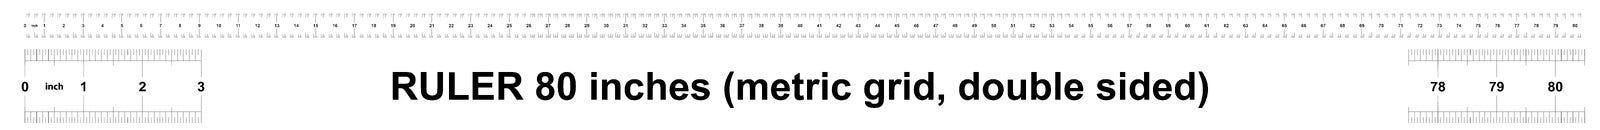 Правитель 80 дюймов метрический Цена разделения 0 05 дюймов Двойник правителя встал на сторону Точный измеряя инструмент Решетка  иллюстрация штока